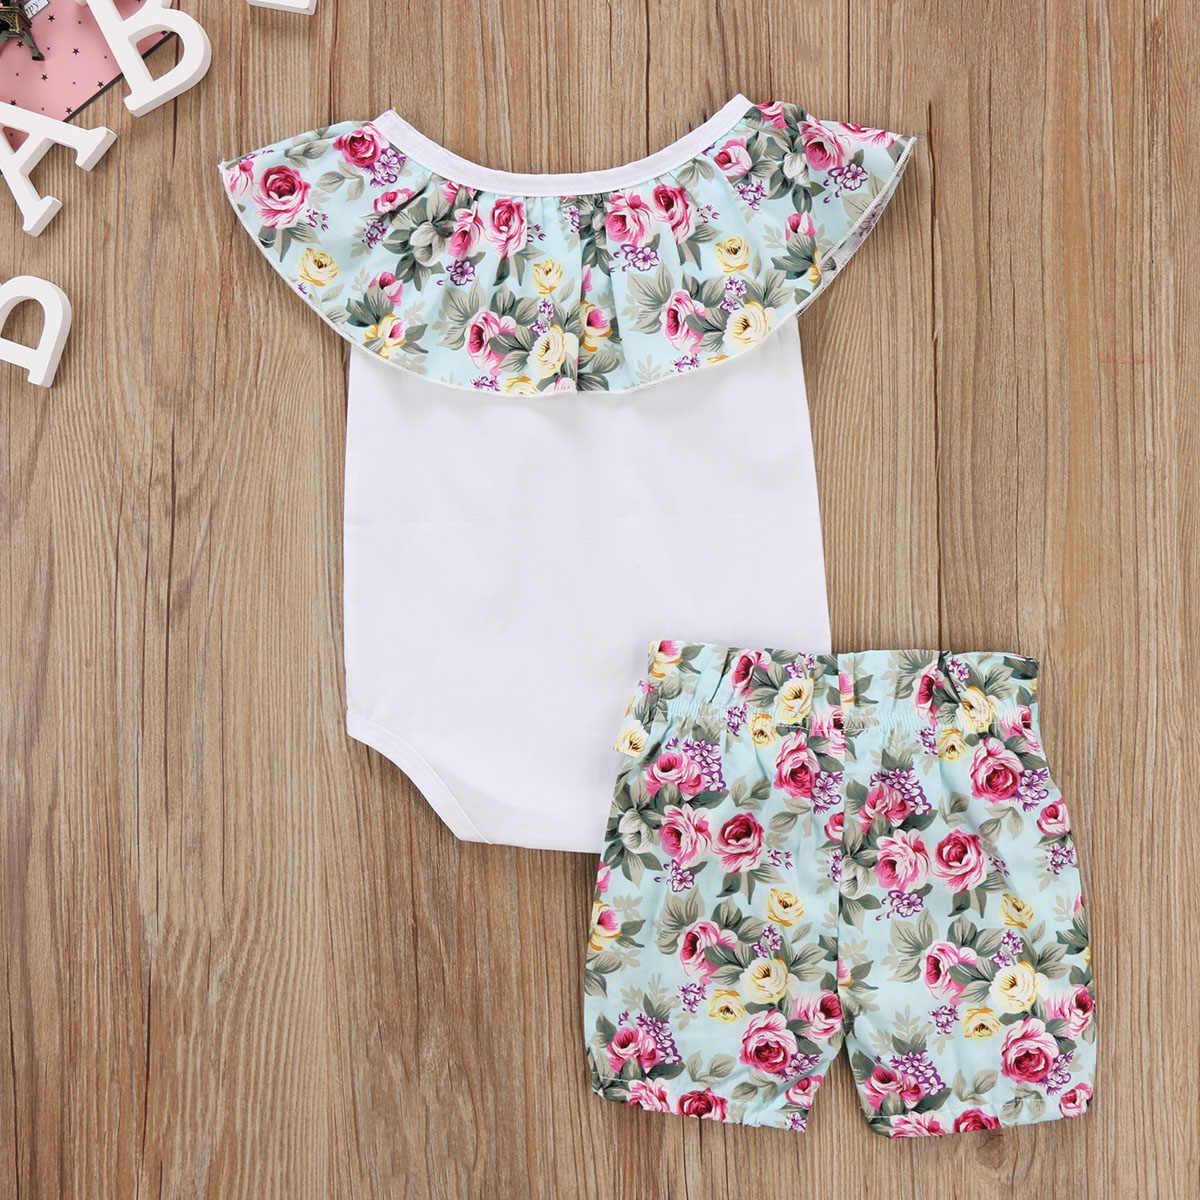 יילוד תינוקות תינוקת סט 2 יחידות כבוי Romper הכתף לבן חולצות טלאי הדפסת מכנסיים מכנסיים קצרים פרחוניים תלבושות בגדי בנות